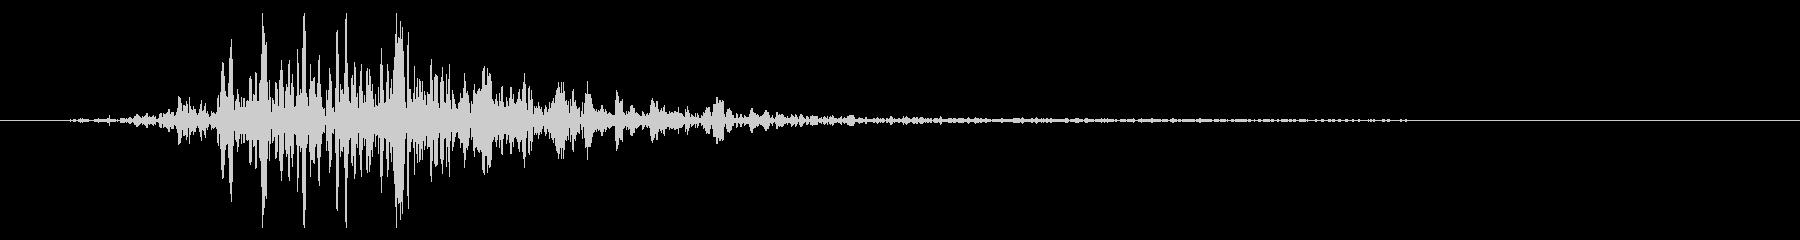 ワーム モンスター キャラタップ 驚きの未再生の波形